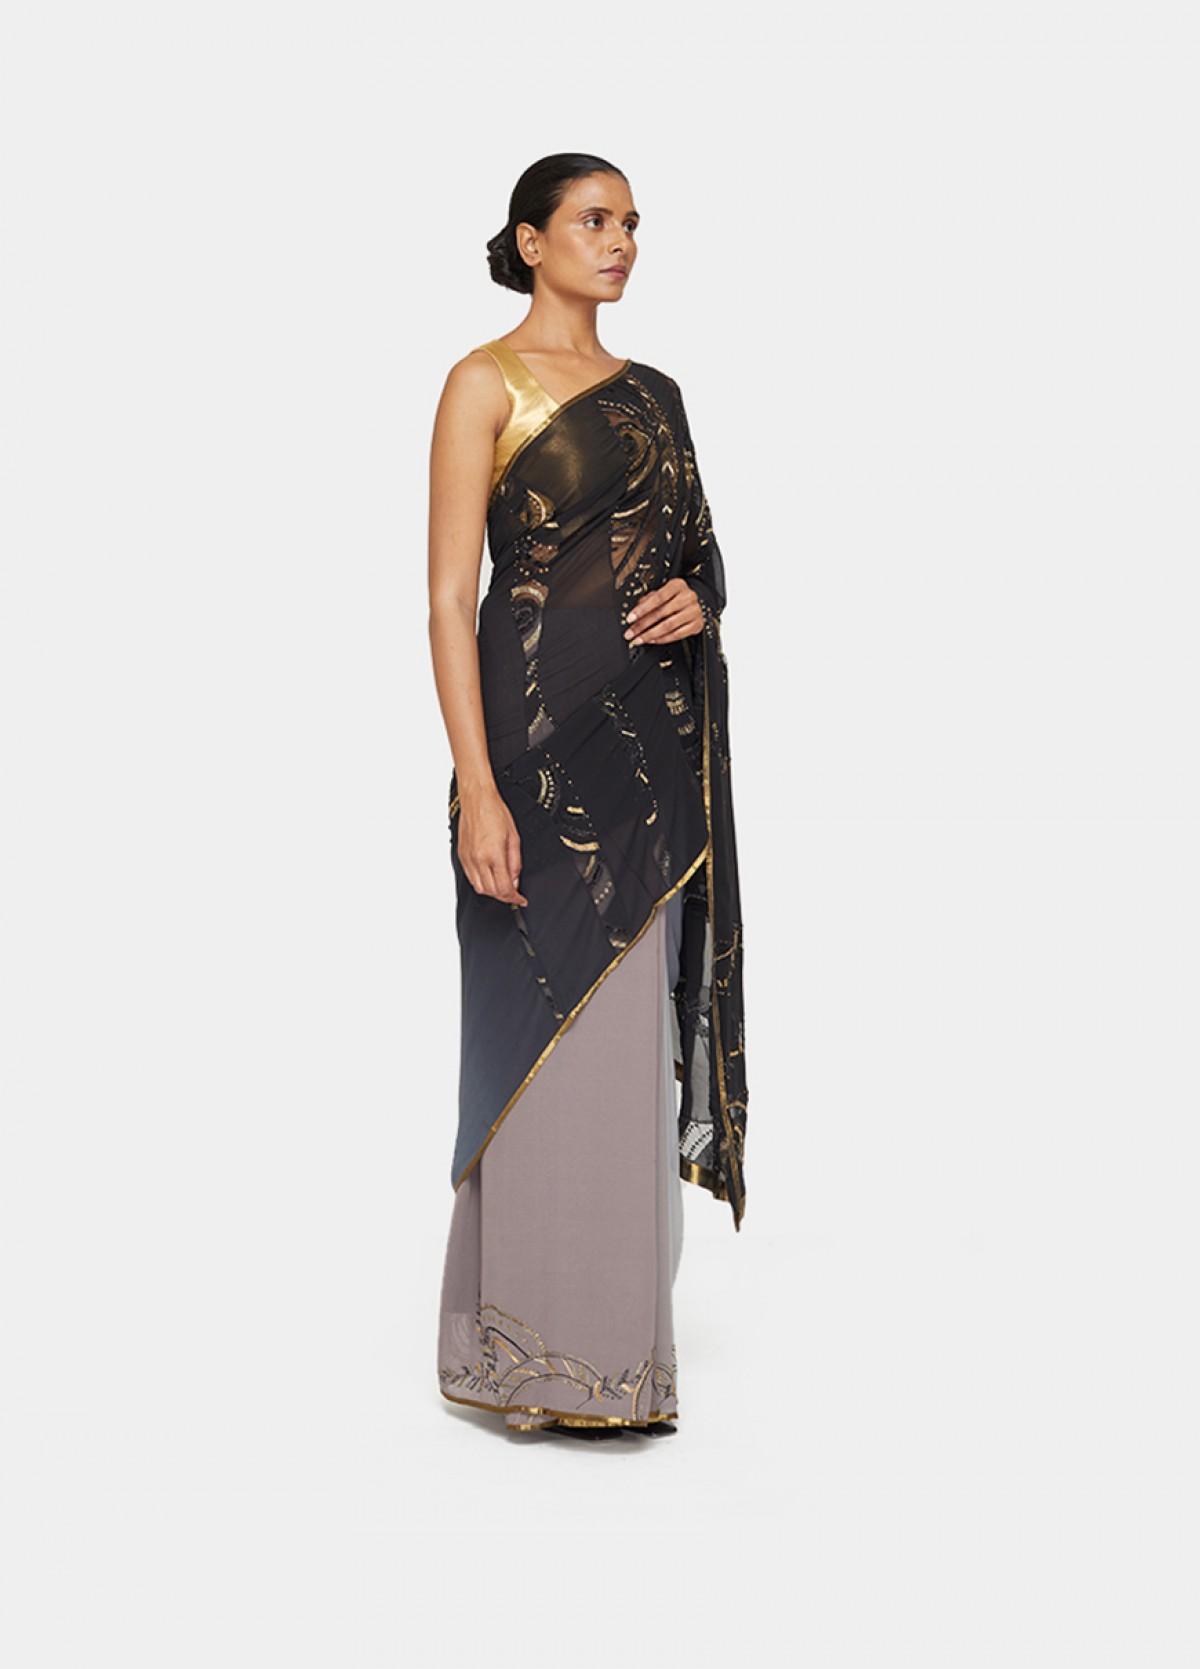 The Karigari Sari